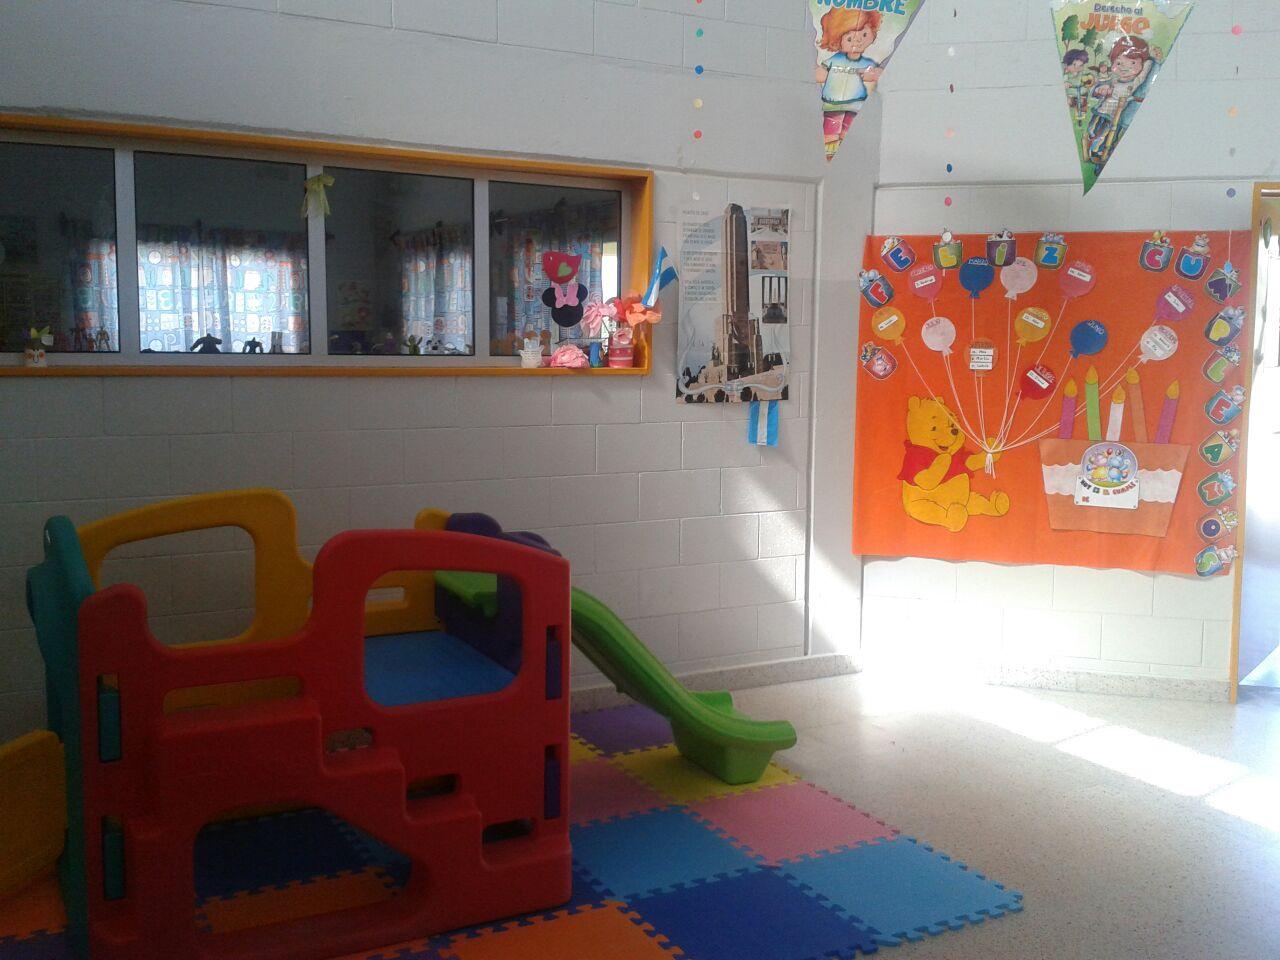 La cárcel que se está construyendo en Luján de Cuyo, Mendoza, contempla áreas pensadas para los niños.